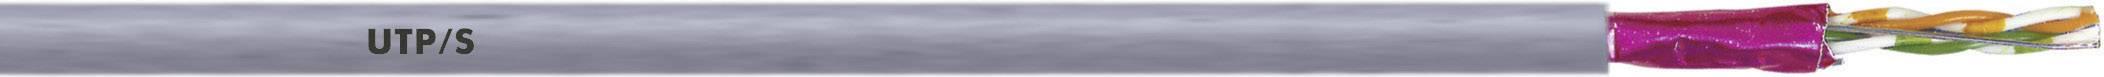 Sieťový kábel ethernetový LappKabel UNITRONIC LAN 600 S/FTP CAT7 Y FLEX, S/FTP, 4 x 2 x 0.13 mm², sivá, 100 m